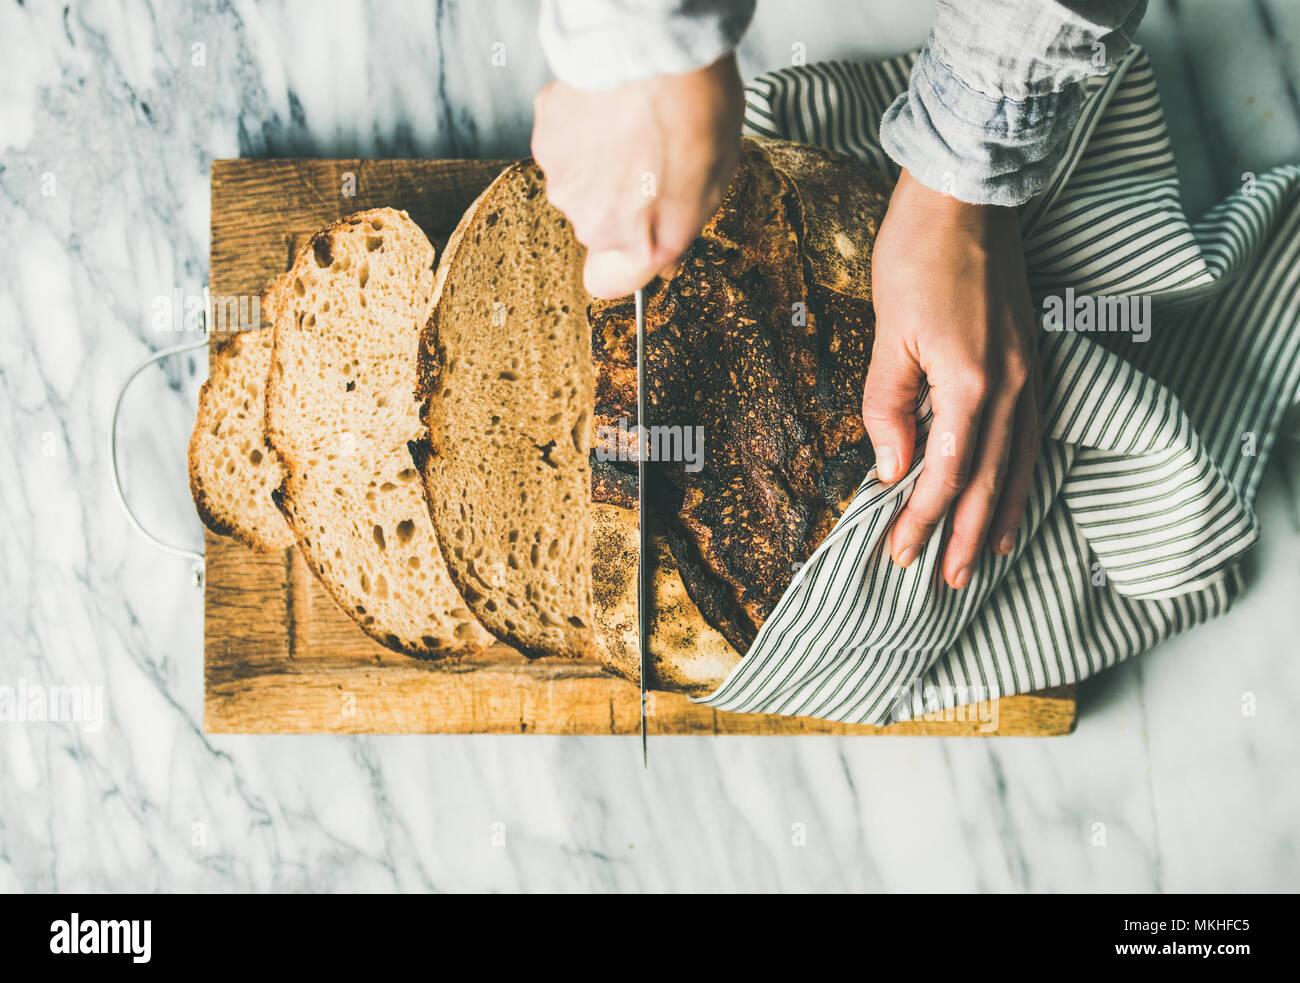 Femme coupe les mains du pain au levain en morceaux Photo Stock